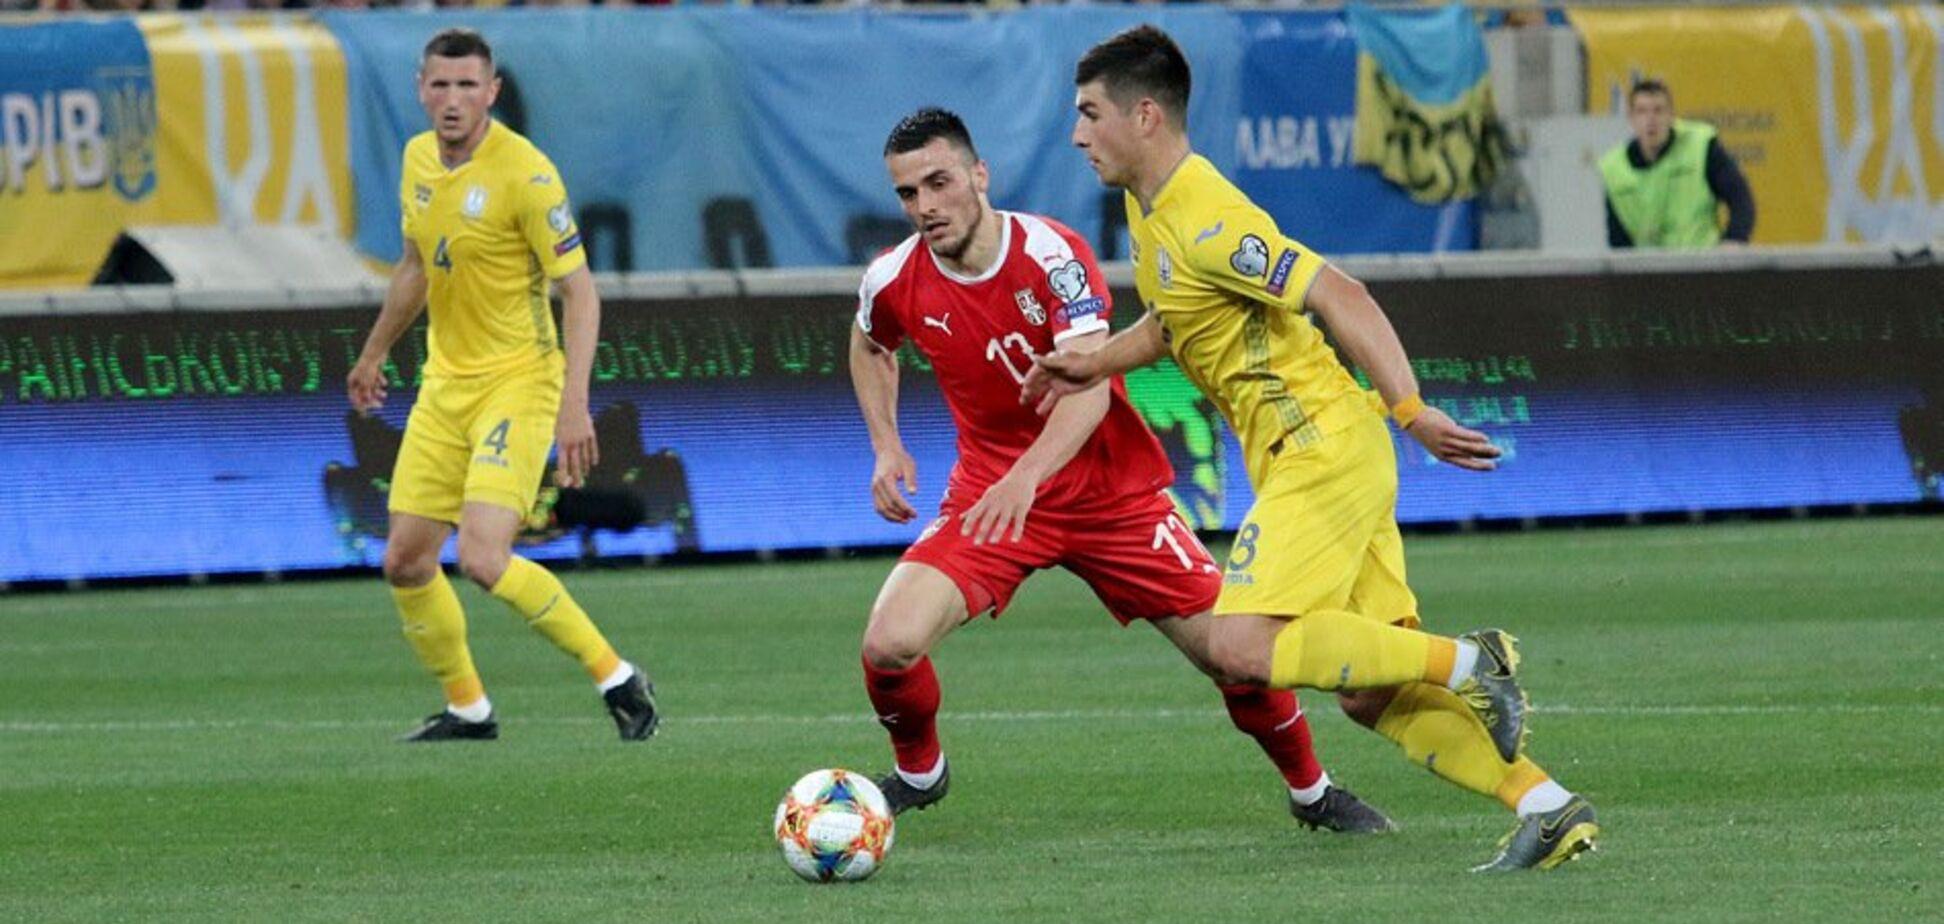 Курити будемо пізніше: що означає матч з Сербією для розкладів України на Євро-2020